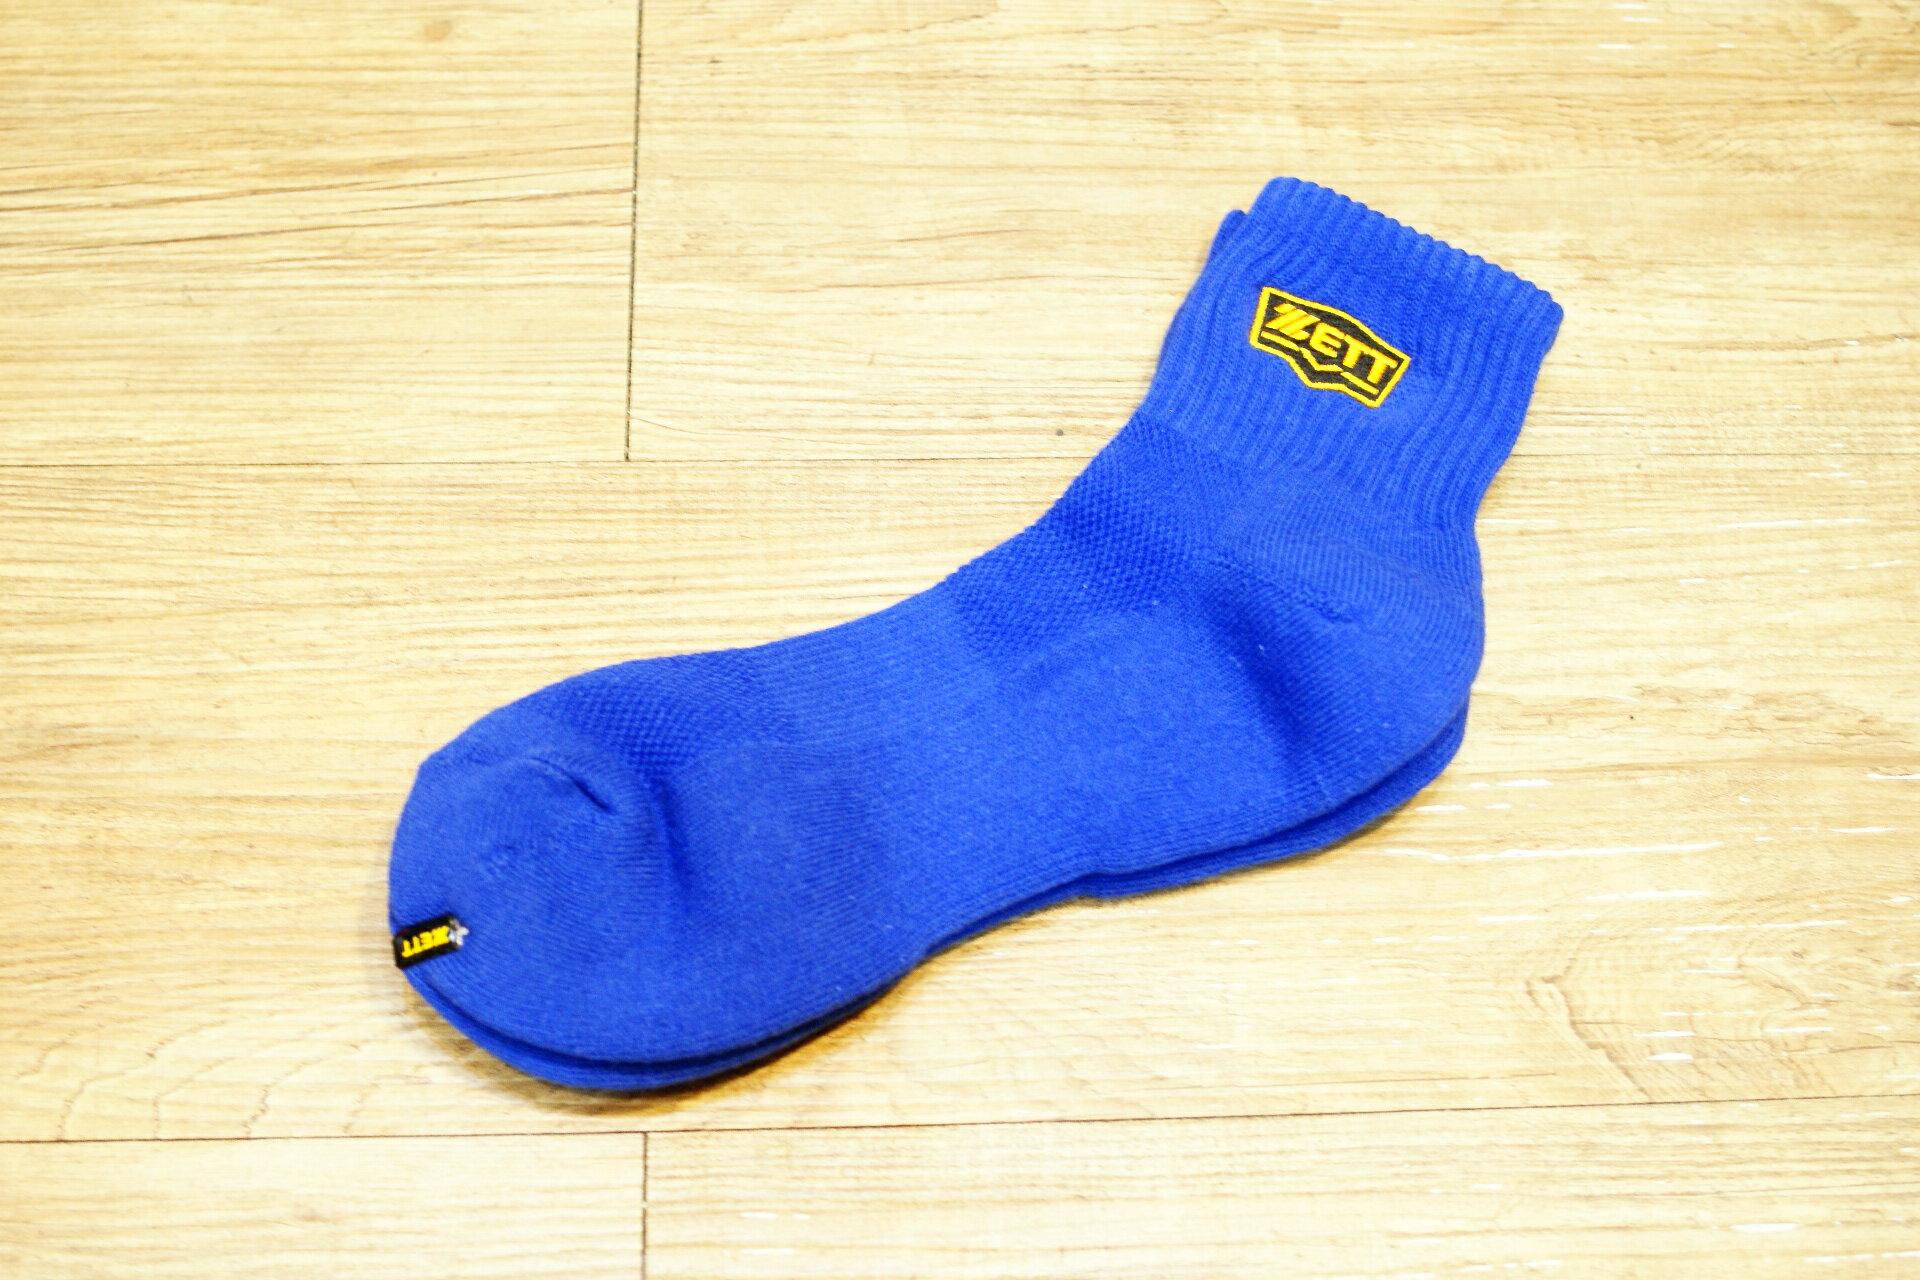 棒球世界 全新ZETT本壘版金標運動短襪~台灣製造加厚毛巾底 特價 寶藍色